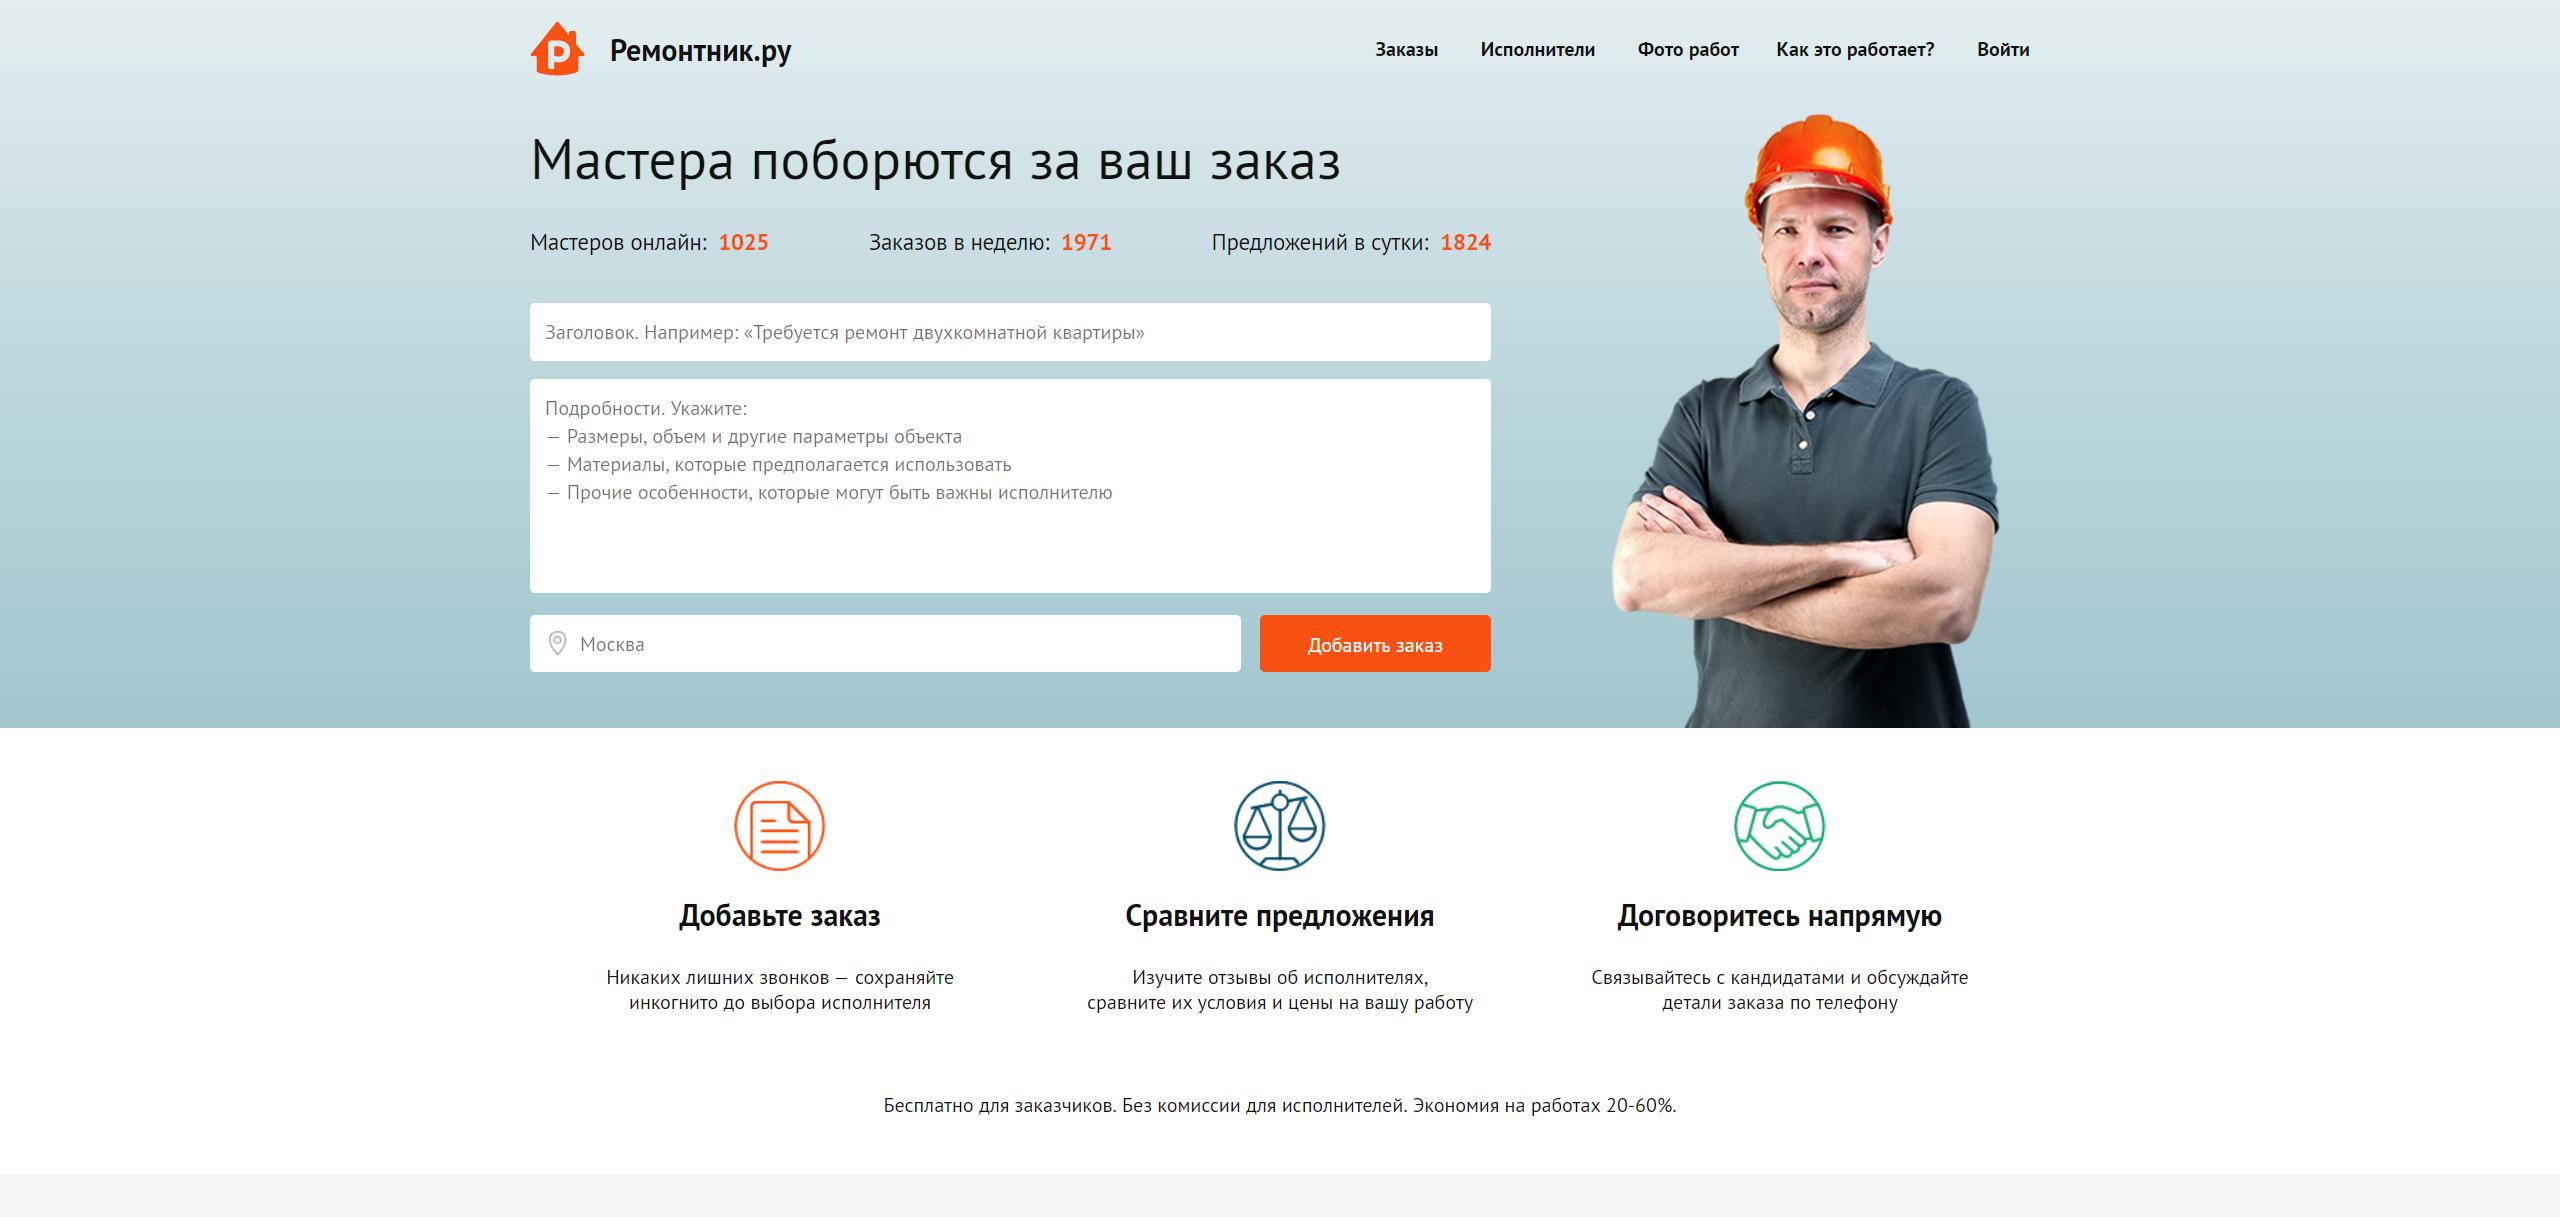 Ремонтник.ру-интернет-портал